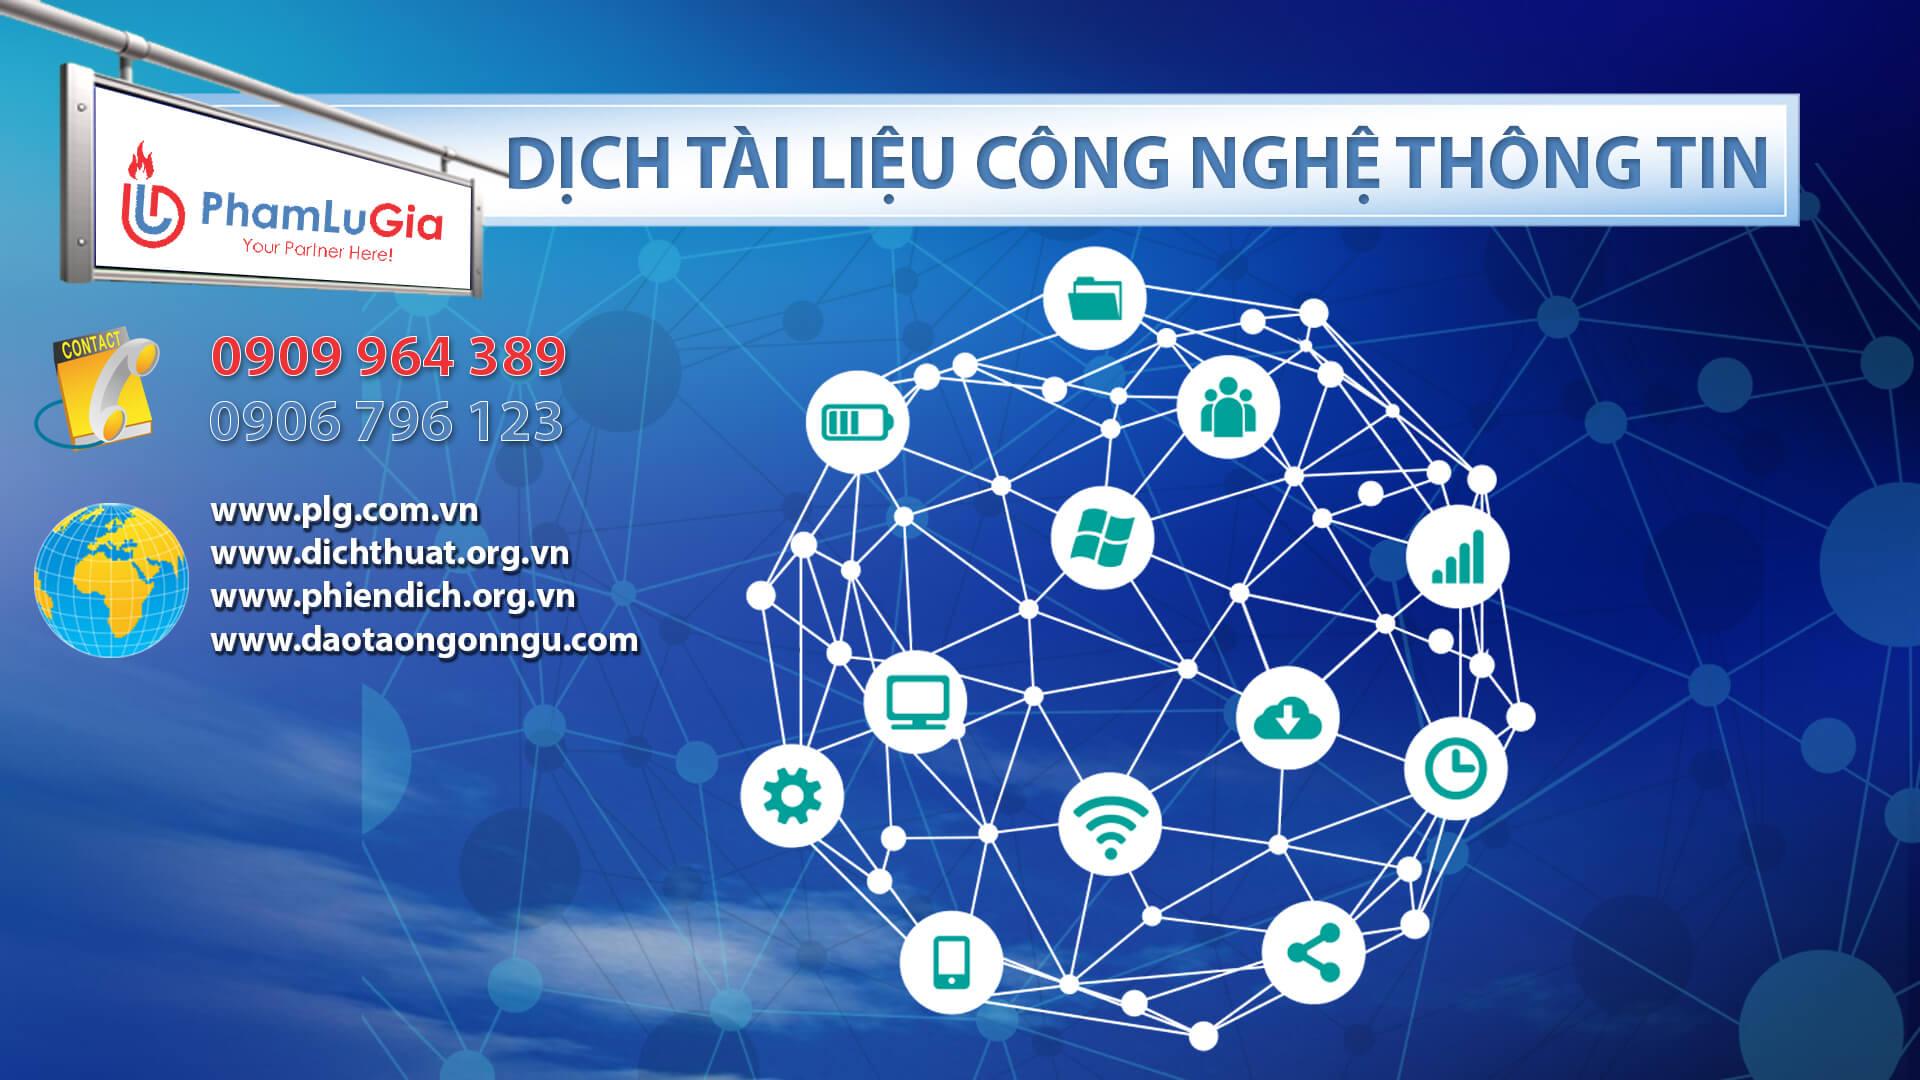 Dịch tài liệu công nghệ thông tin